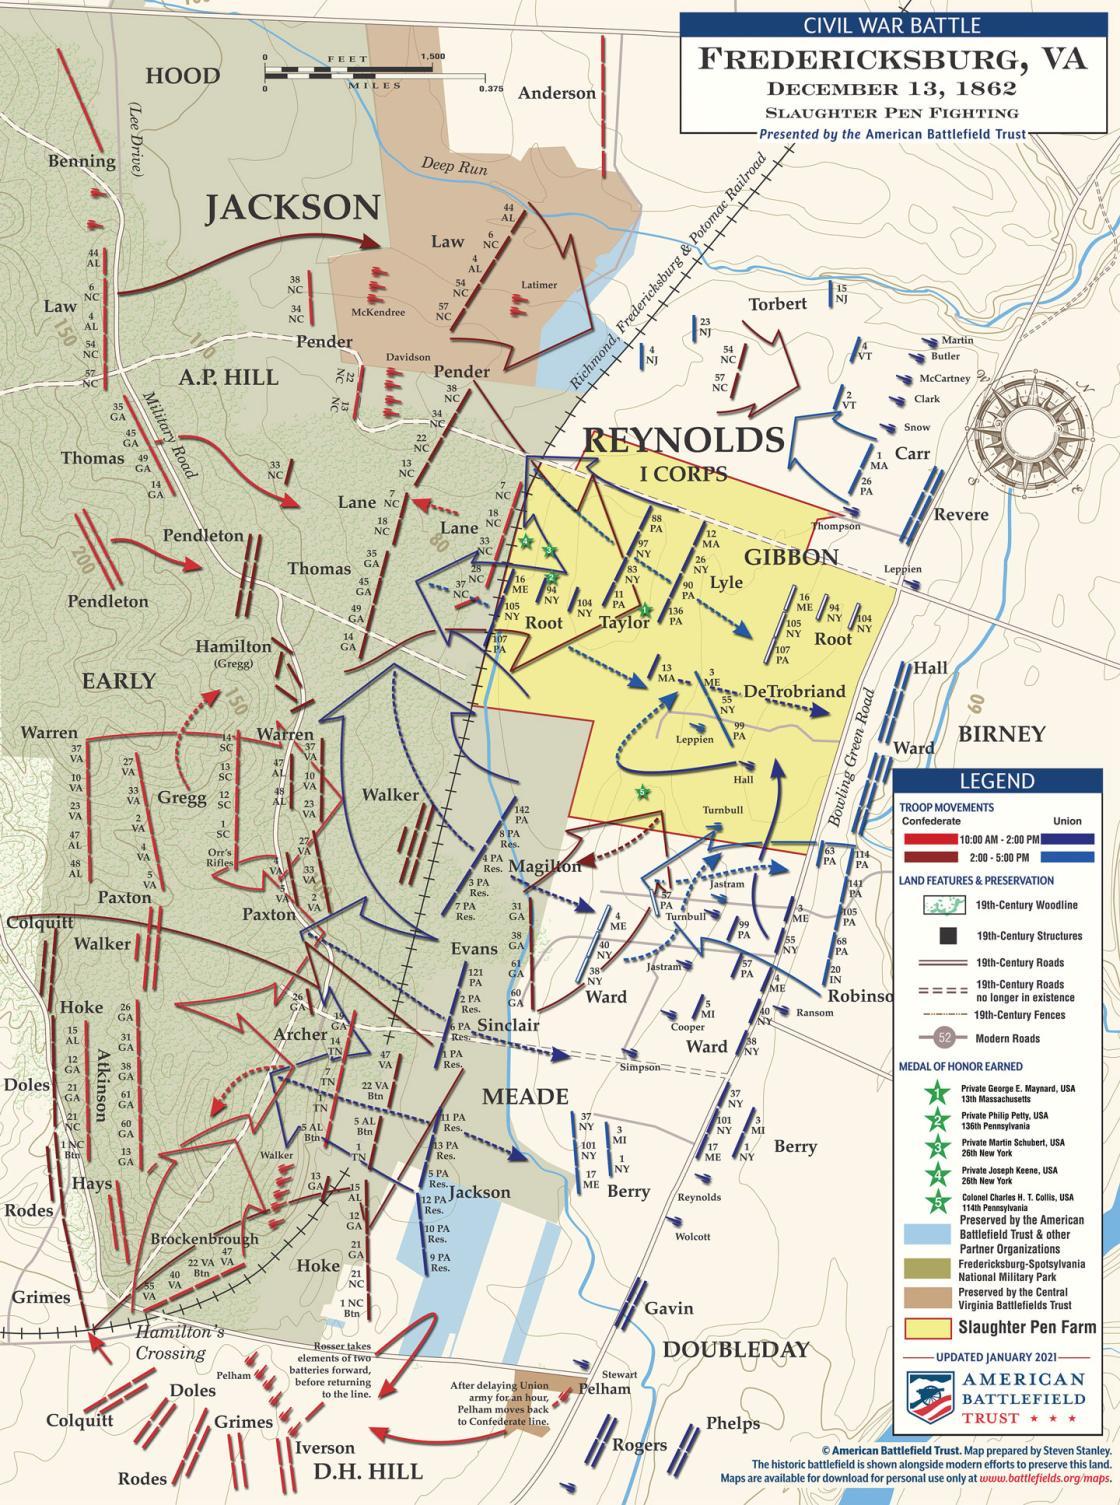 Fredericksburg - Slaughter Pen Fighting - December 13, 1862 (January 2021)